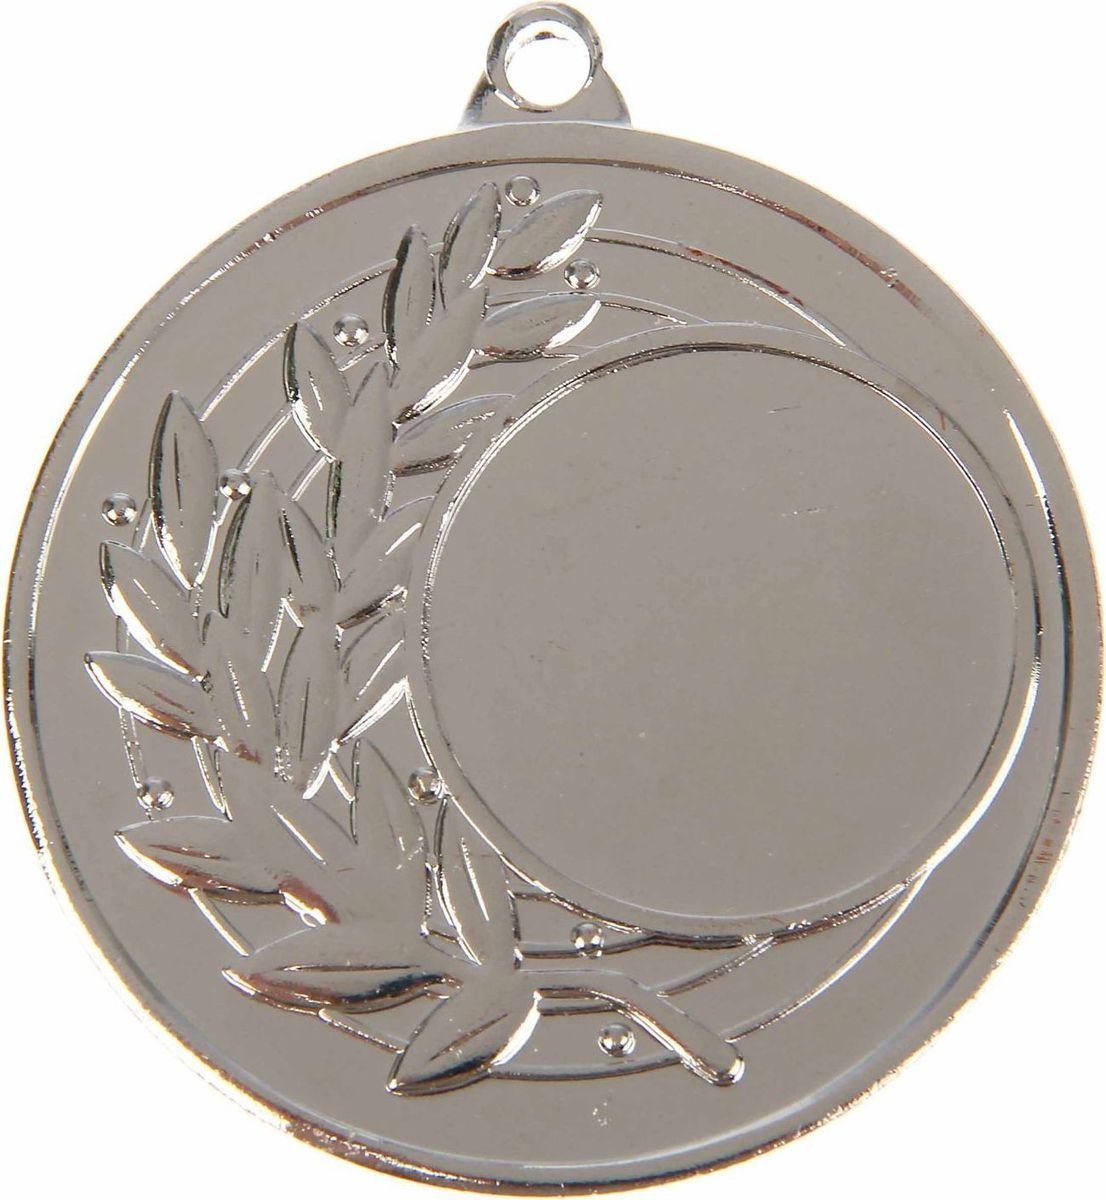 Медаль сувенирная с местом для гравировки, цвет: серебристый, диаметр 4,5 см. 0261108701Медаль — знак отличия, которым награждают самых достойных. Она вручается лишь тем, кто проявил настойчивость и волю к победе. Каждое достижение — это важное событие, которое должно остаться в памяти на долгие годы. Любое спортивное состязание, профессиональное или среди любителей, любое корпоративное мероприятие — отличный повод для того, чтобы отметить лучших из лучших. Характеристики:Диаметр медали: 4,5 см Диаметр вкладыша (лицо): 2,5 см Диаметр вкладыша (оборот): 4 см. Пусть любая победа будет отмечена соответствующей наградой!